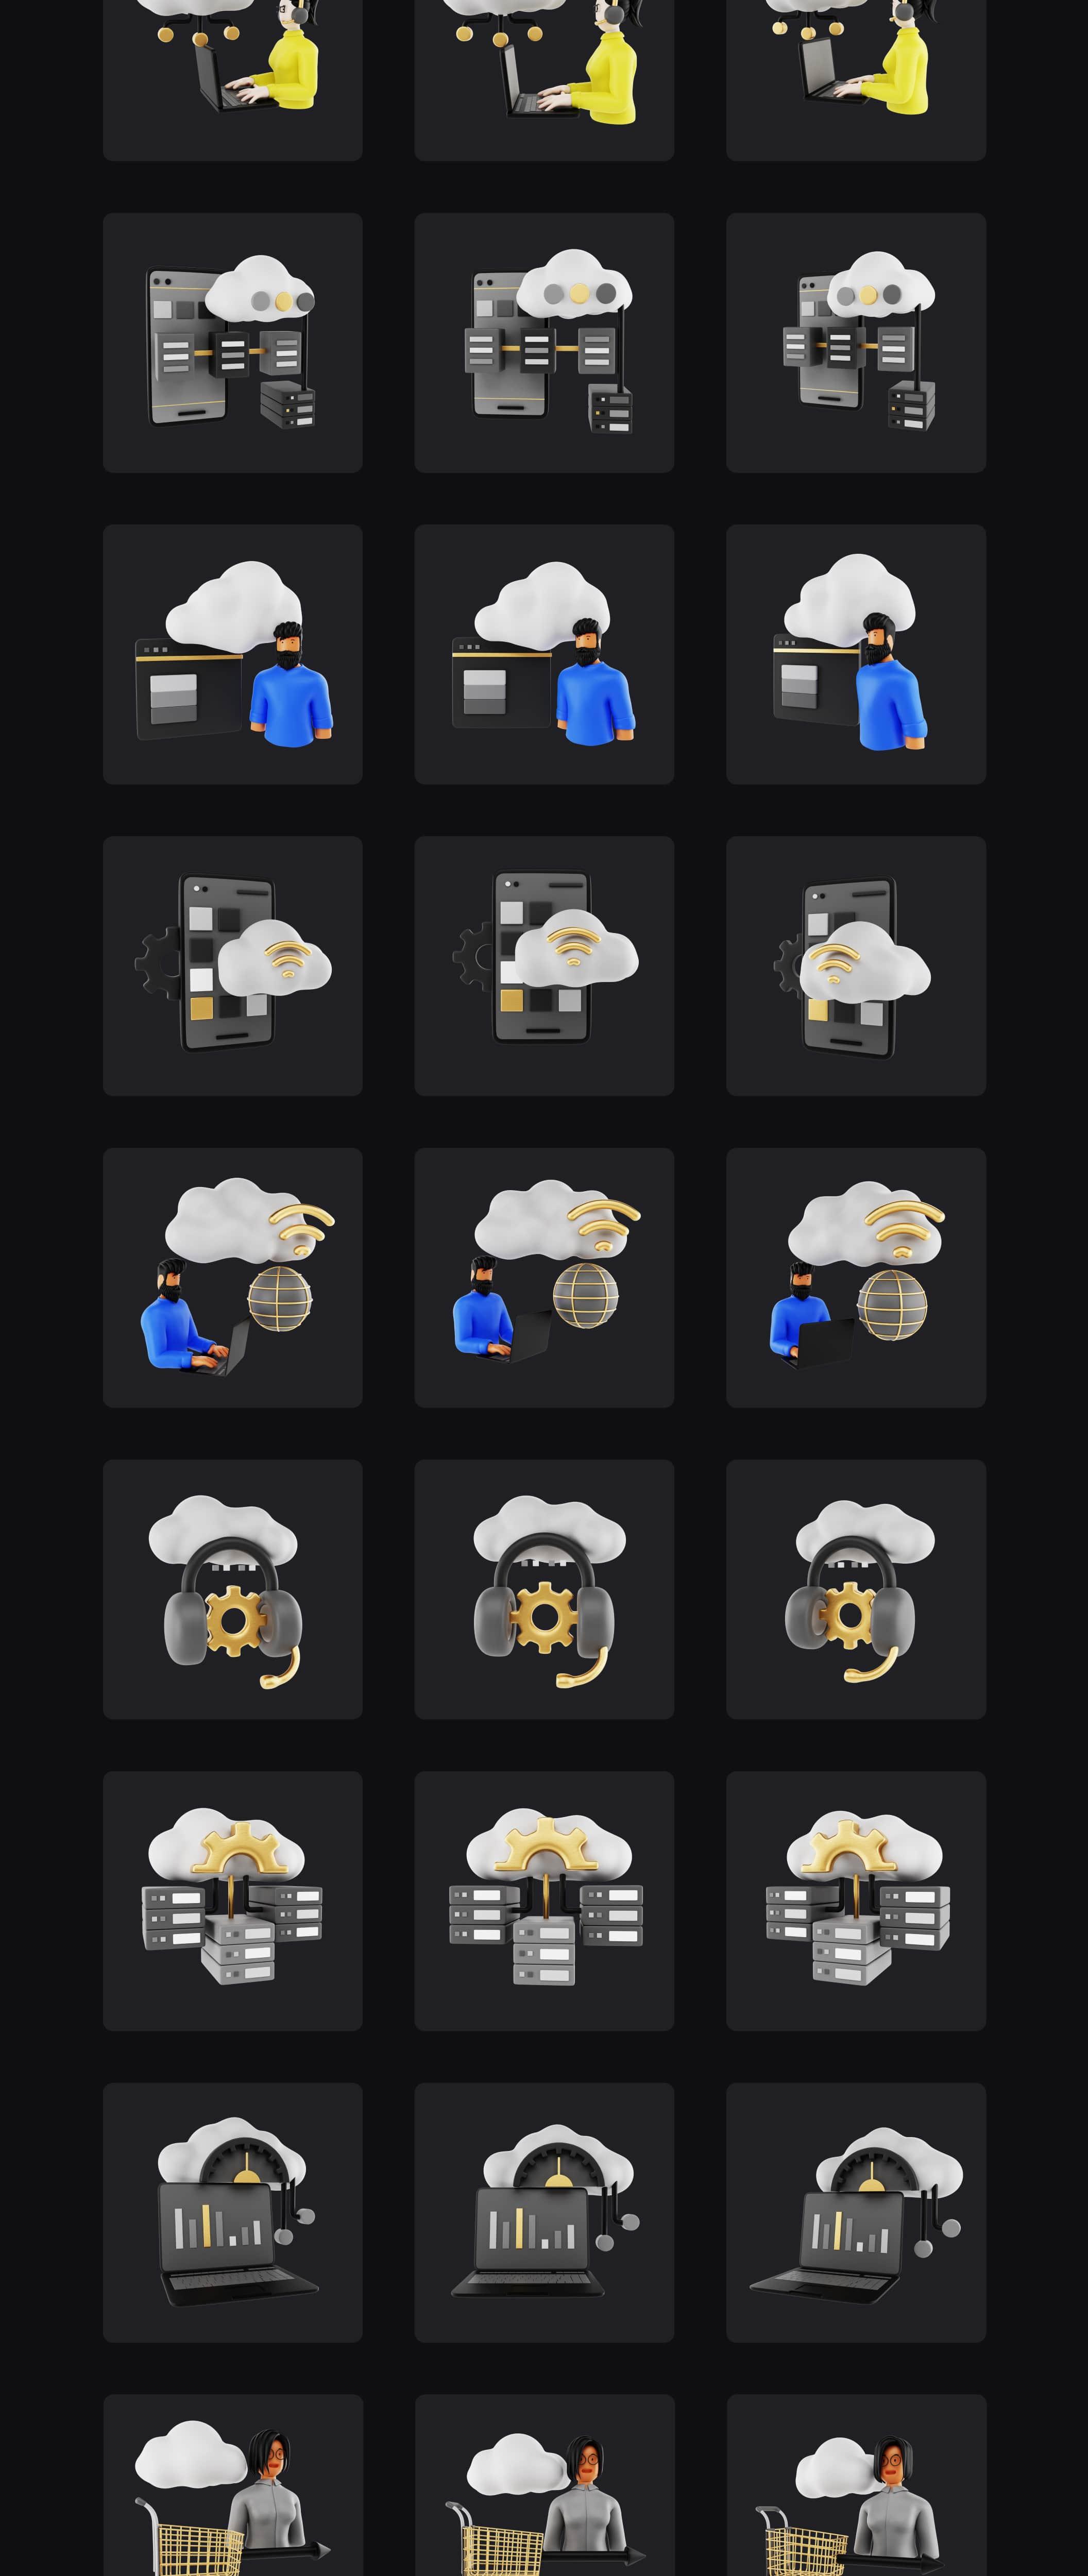 Premium 3D Assets for Technology | BlackGold Vol2 | Iqonic Design premium 3d icon pack for technology BlackGold Vol2 Pro black 20g04 min